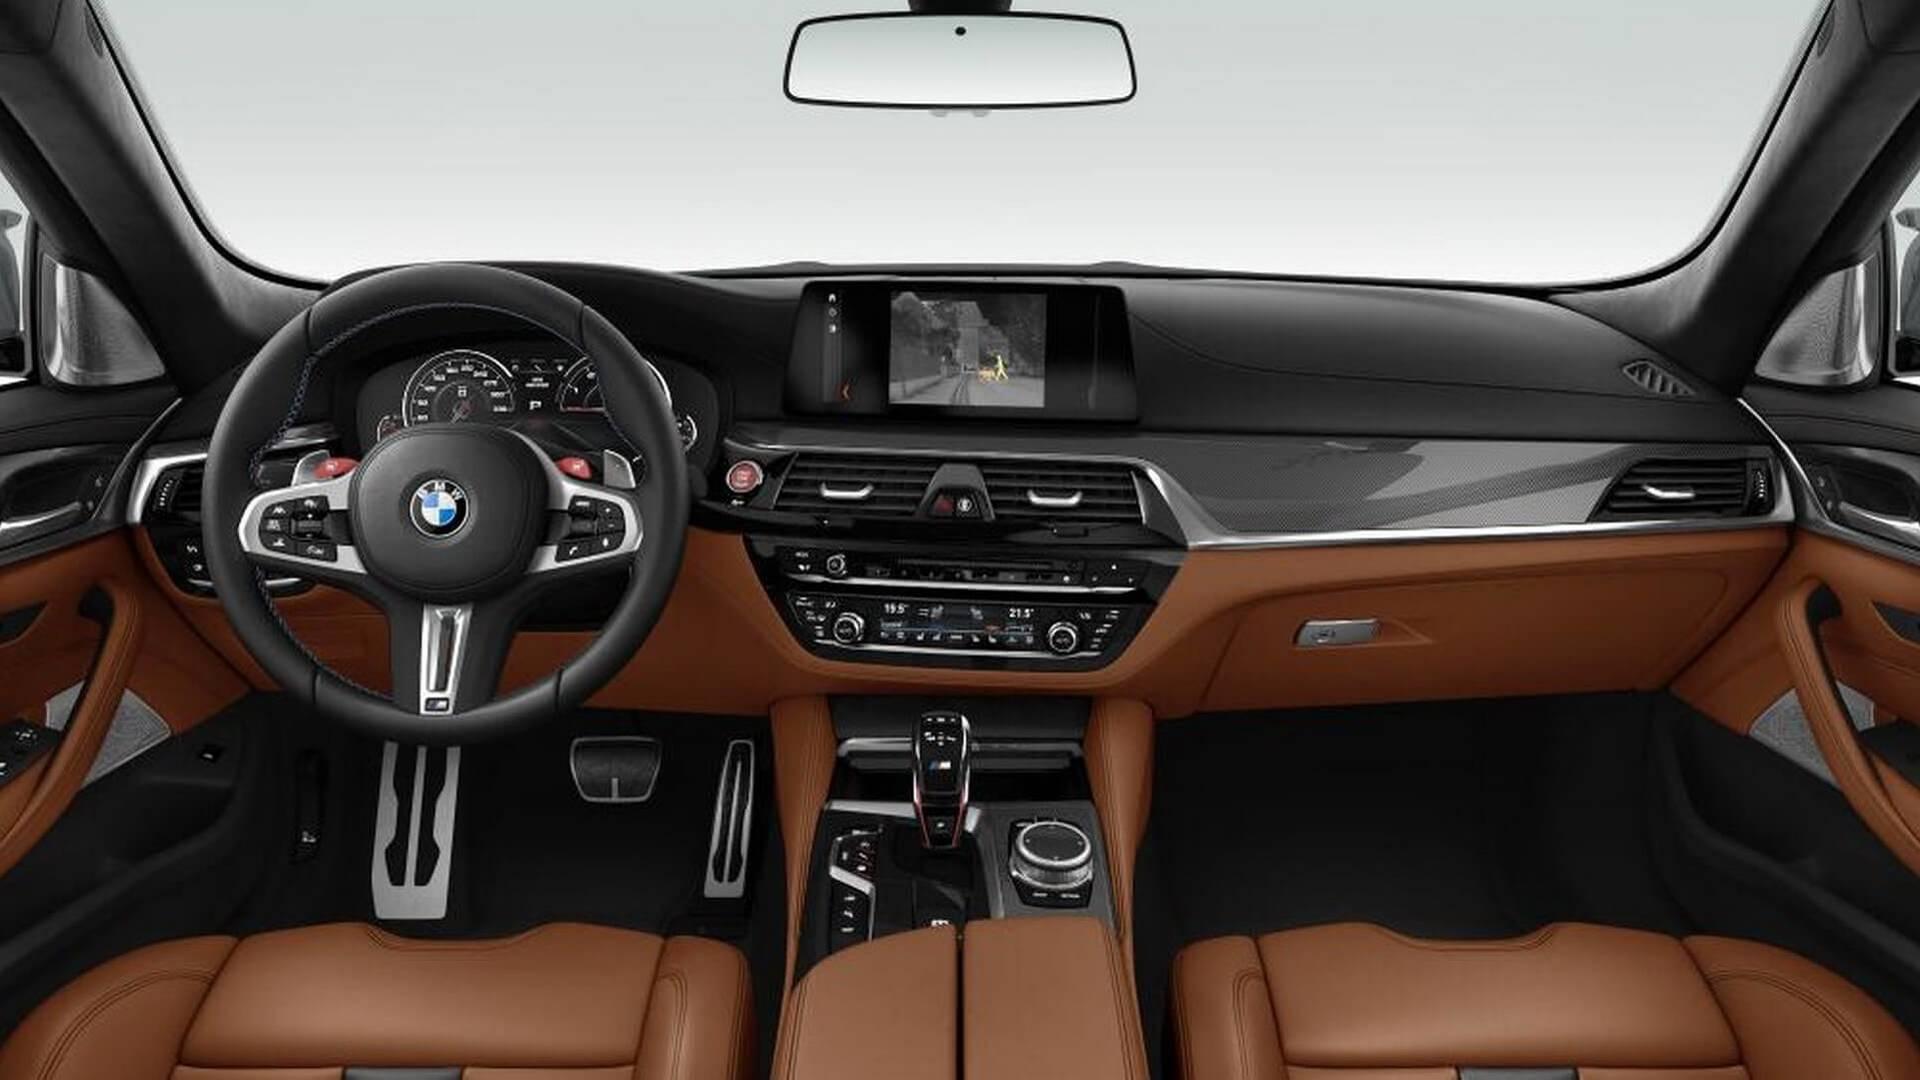 2019 BMW M5 Competition, по-видимому, будет запущен сегодня, 8 мая. Считается, что фотографии являются рекламными фотографиями, которые будут сопровождать запуск M5.